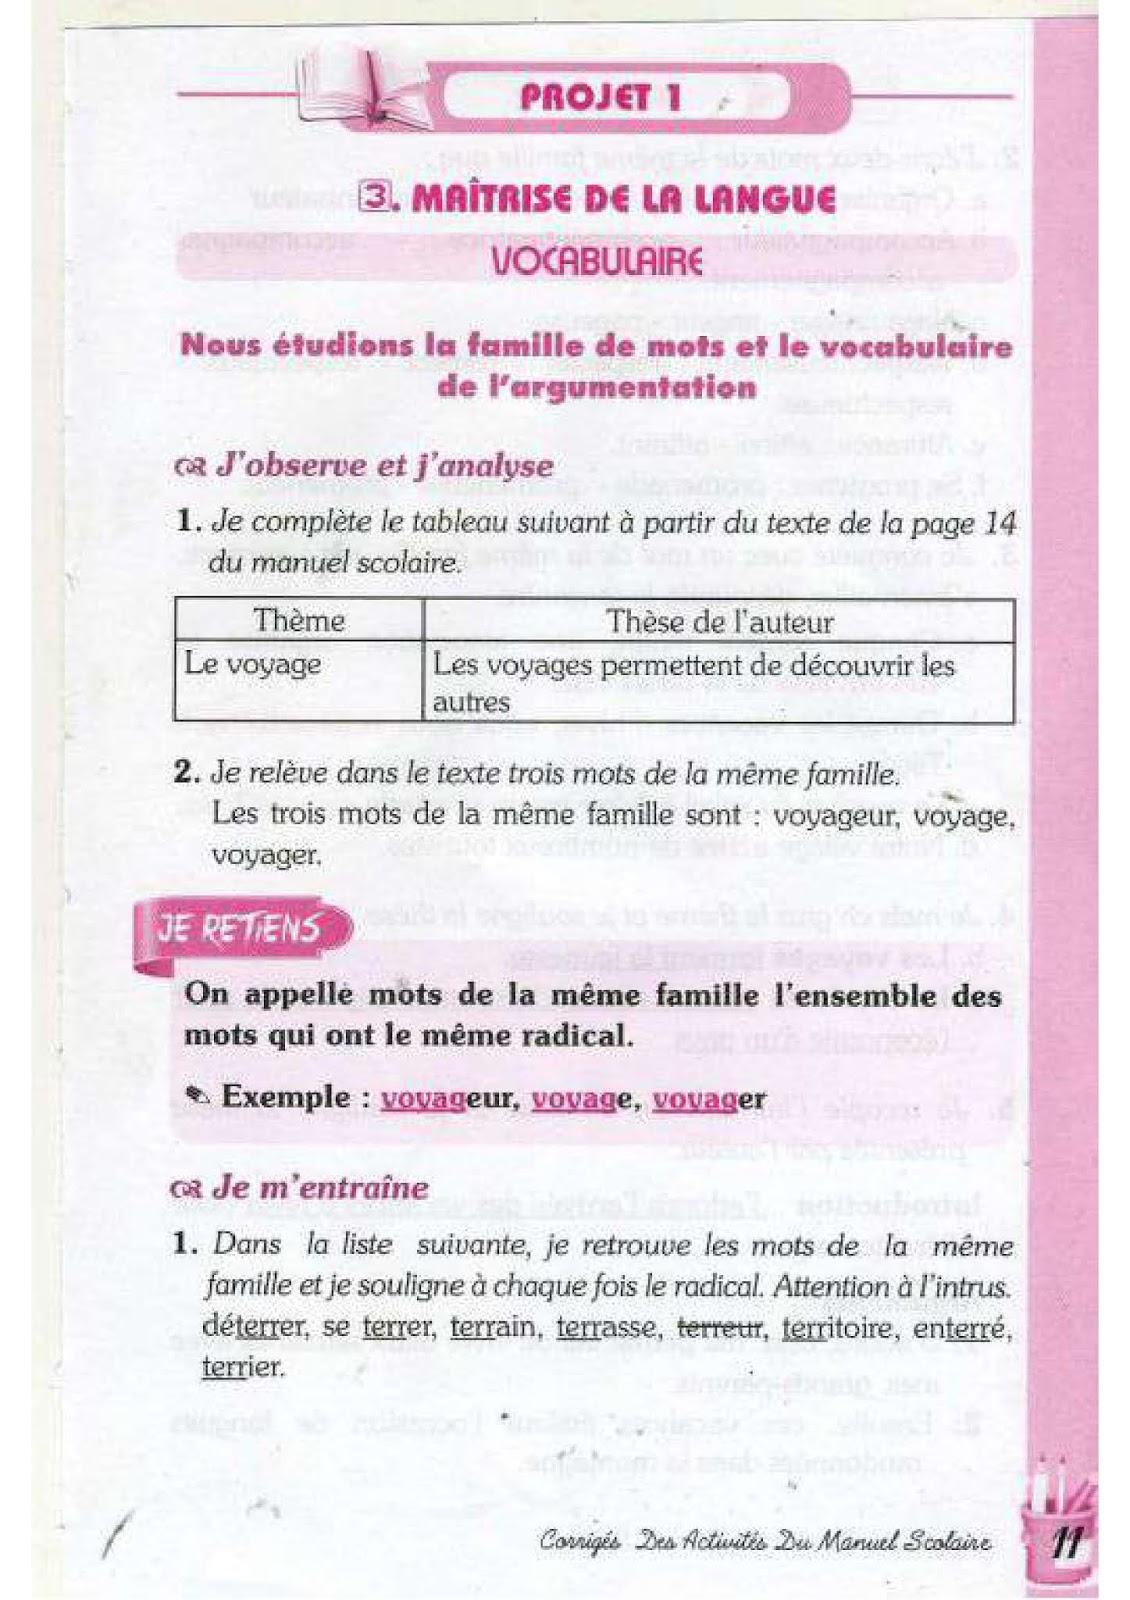 حل تمارين صفحة 15 الفرنسية للسنة الرابعة متوسط - الجيل الثاني | موقع  التعليم الجزائري - Dzetude